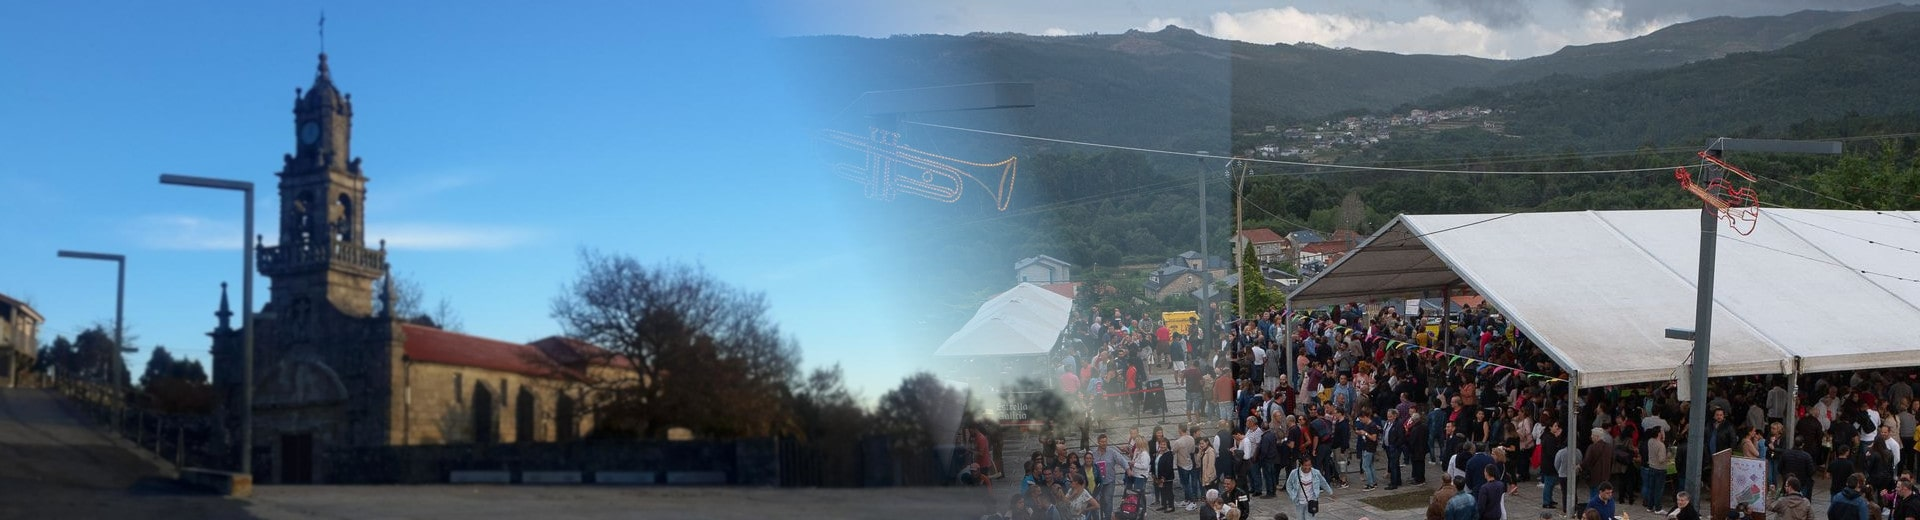 patrimonio_e_festas-min